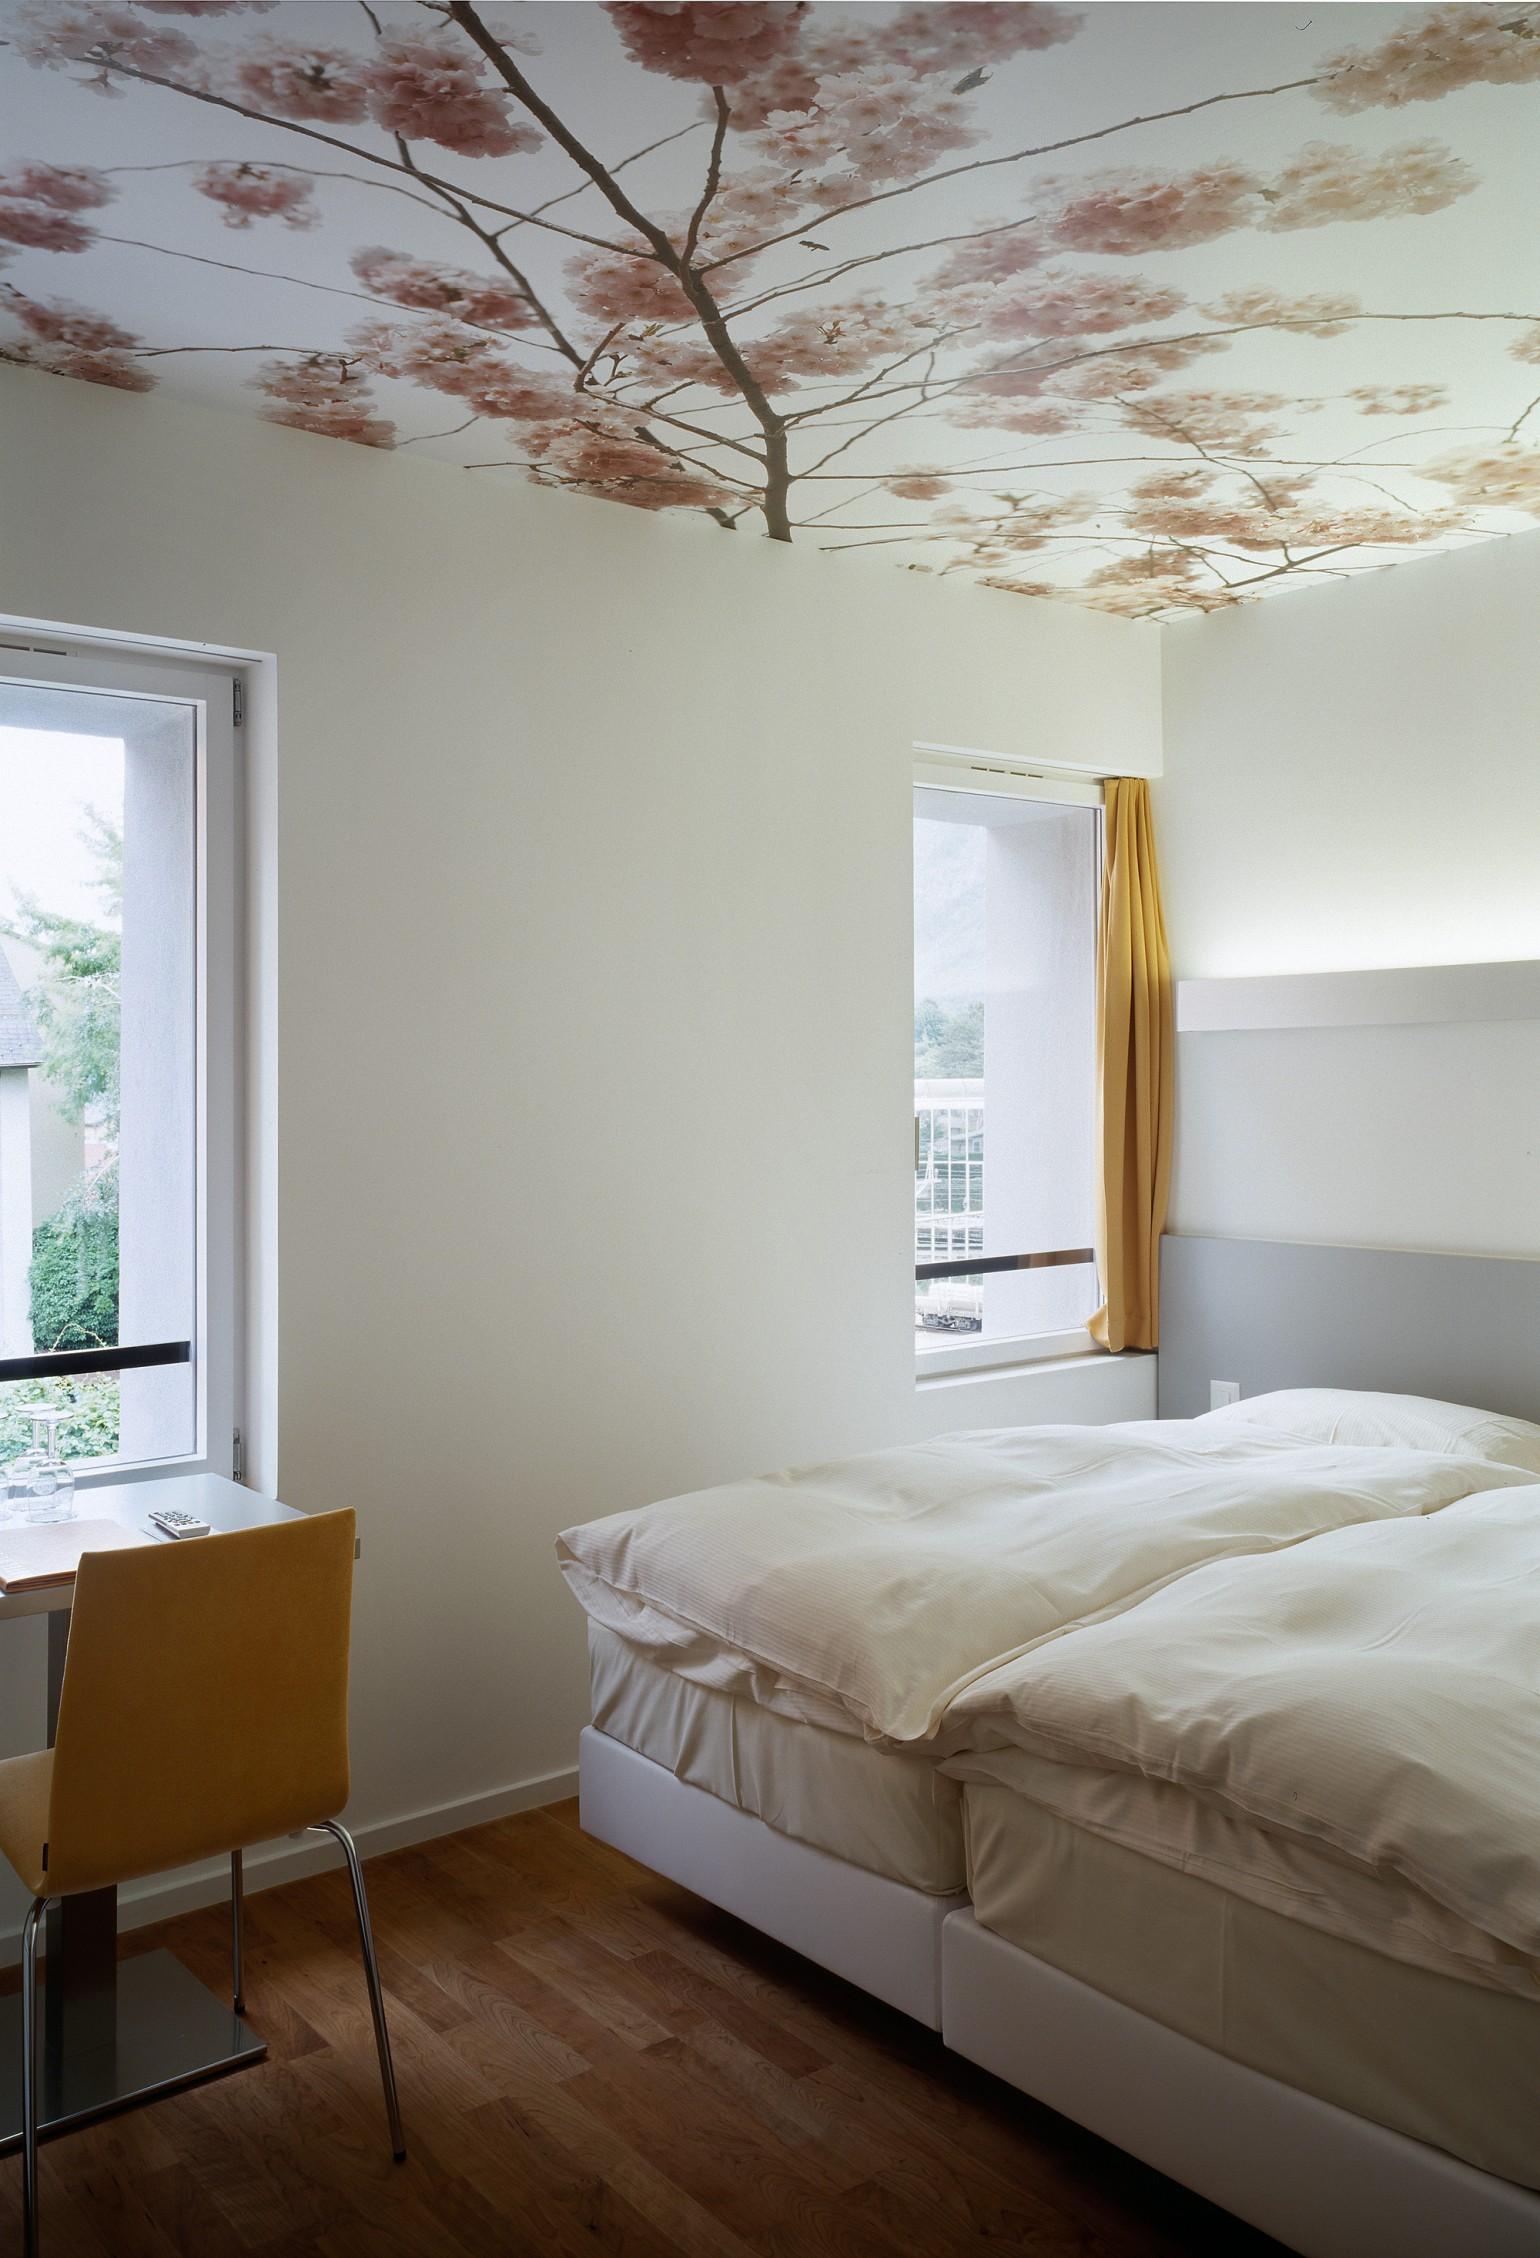 hotel-de-la-poste-sierre-meyer-architecture-sion-08